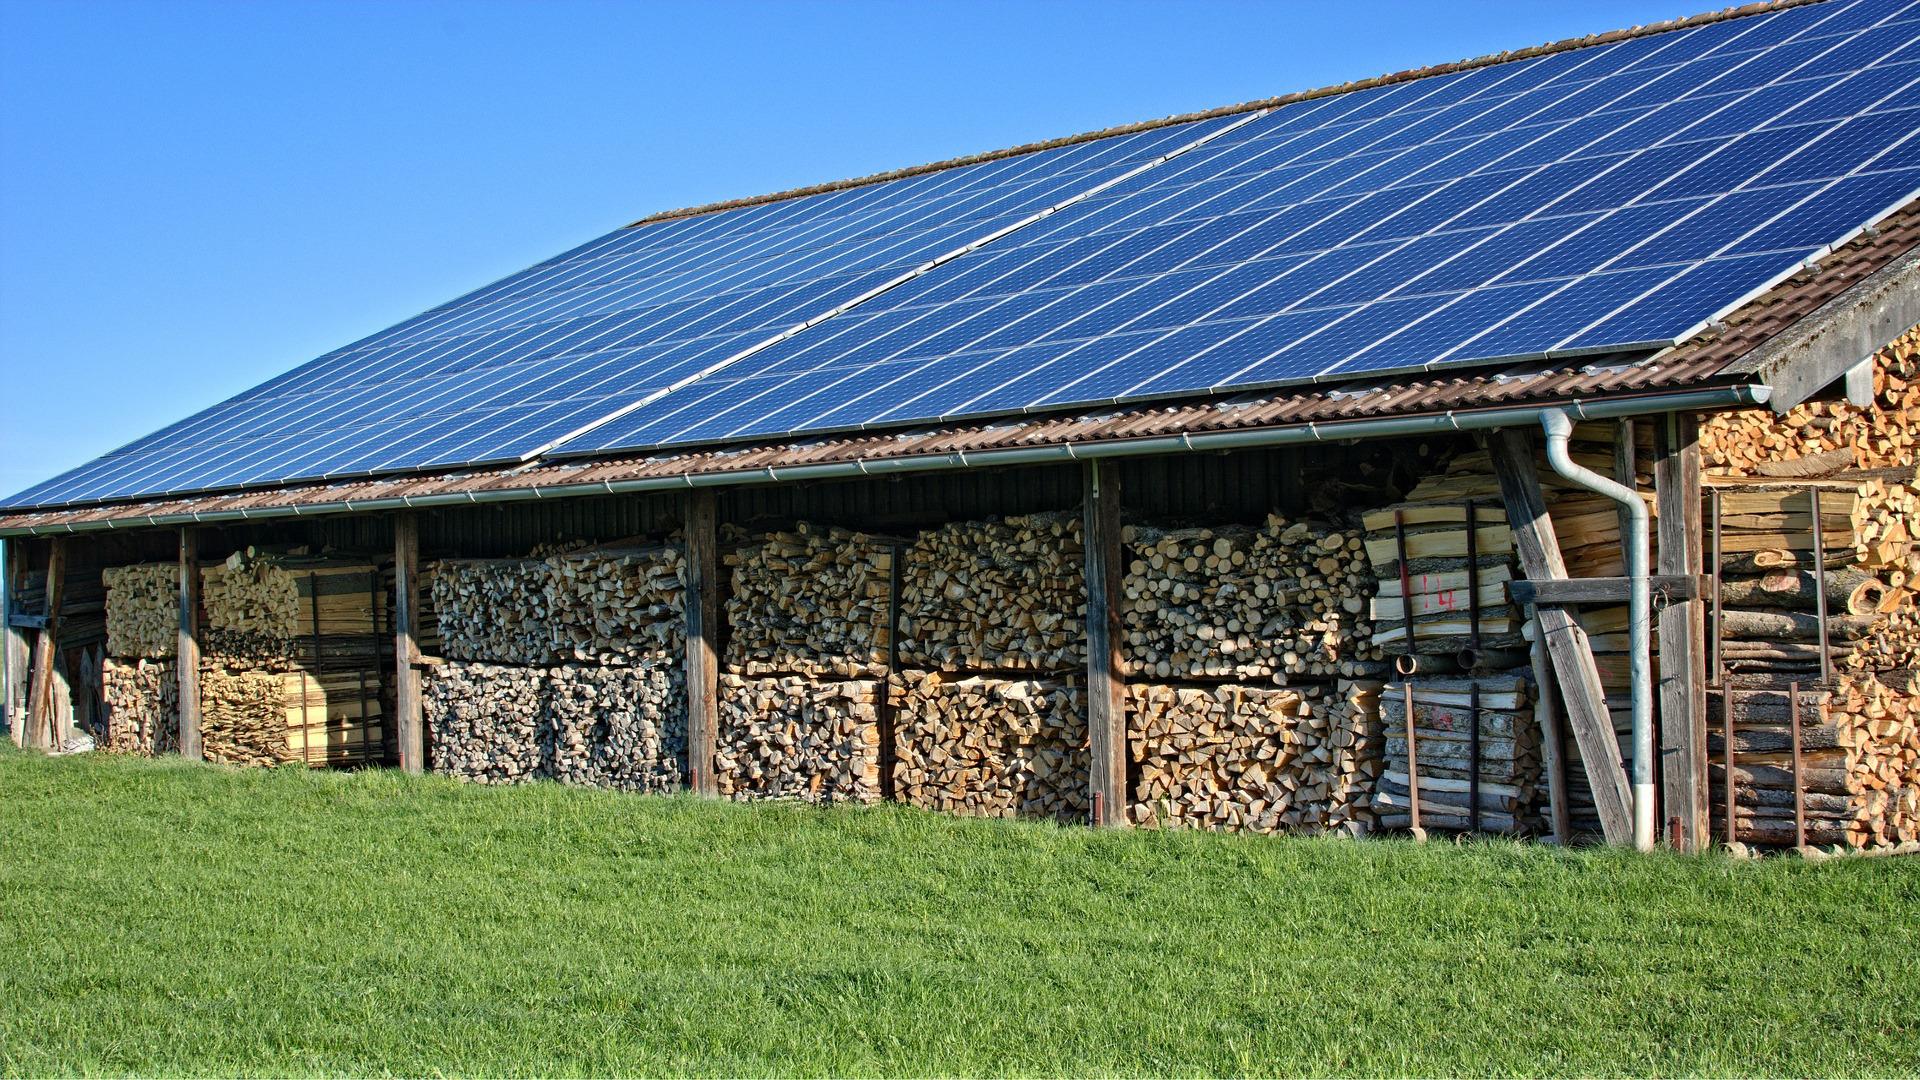 abierta-la-convocatoria-de-ayudas-para-la-instalacion-de-energias-renovables-en-el-campo-1920